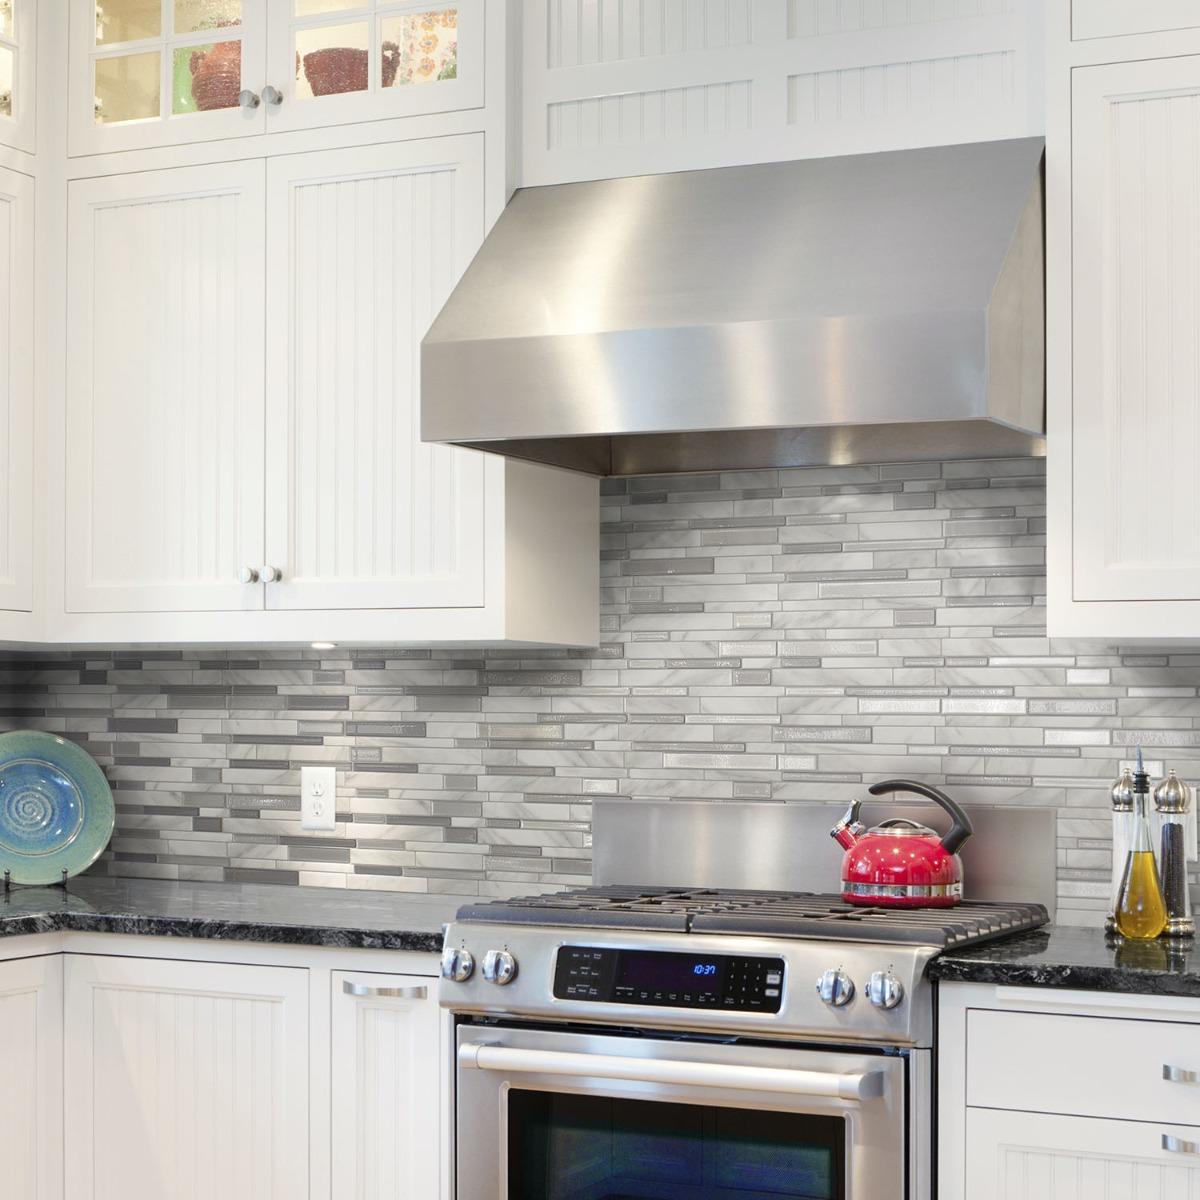 Cocinas con porcelanato en la cocina el porcelanato es for Enchapes de cocina